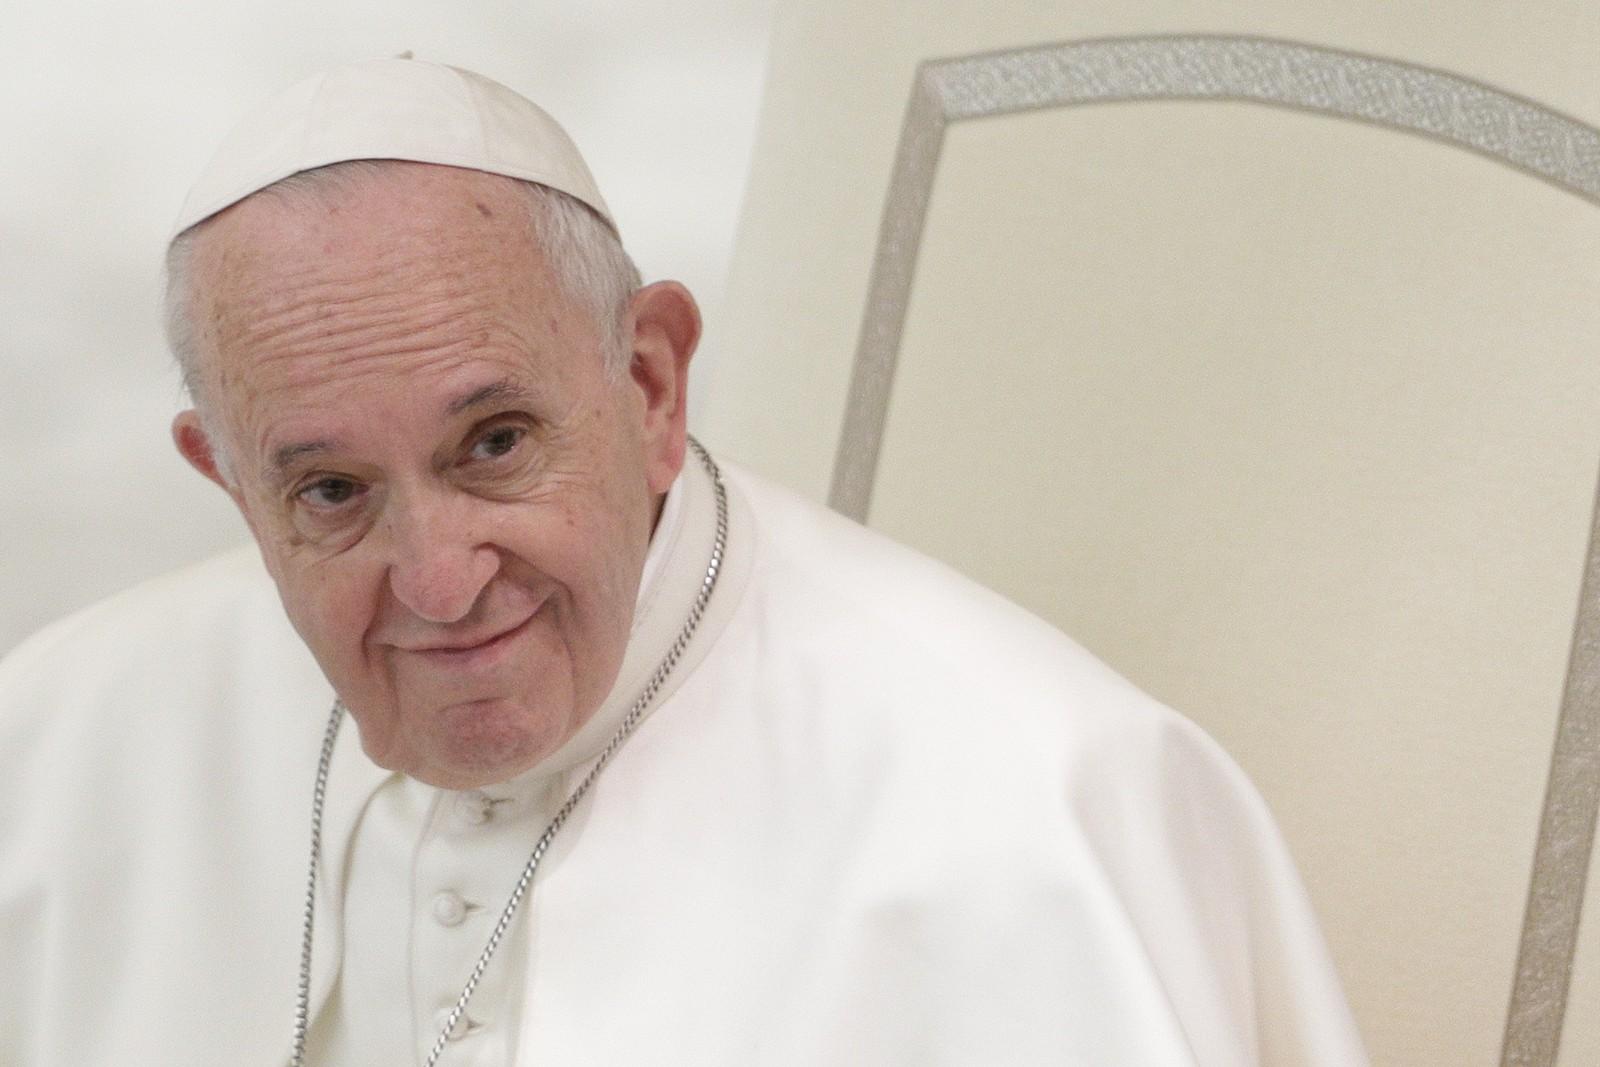 Papa diz que pessoas que rejeitam homossexuais 'não têm coração humano'